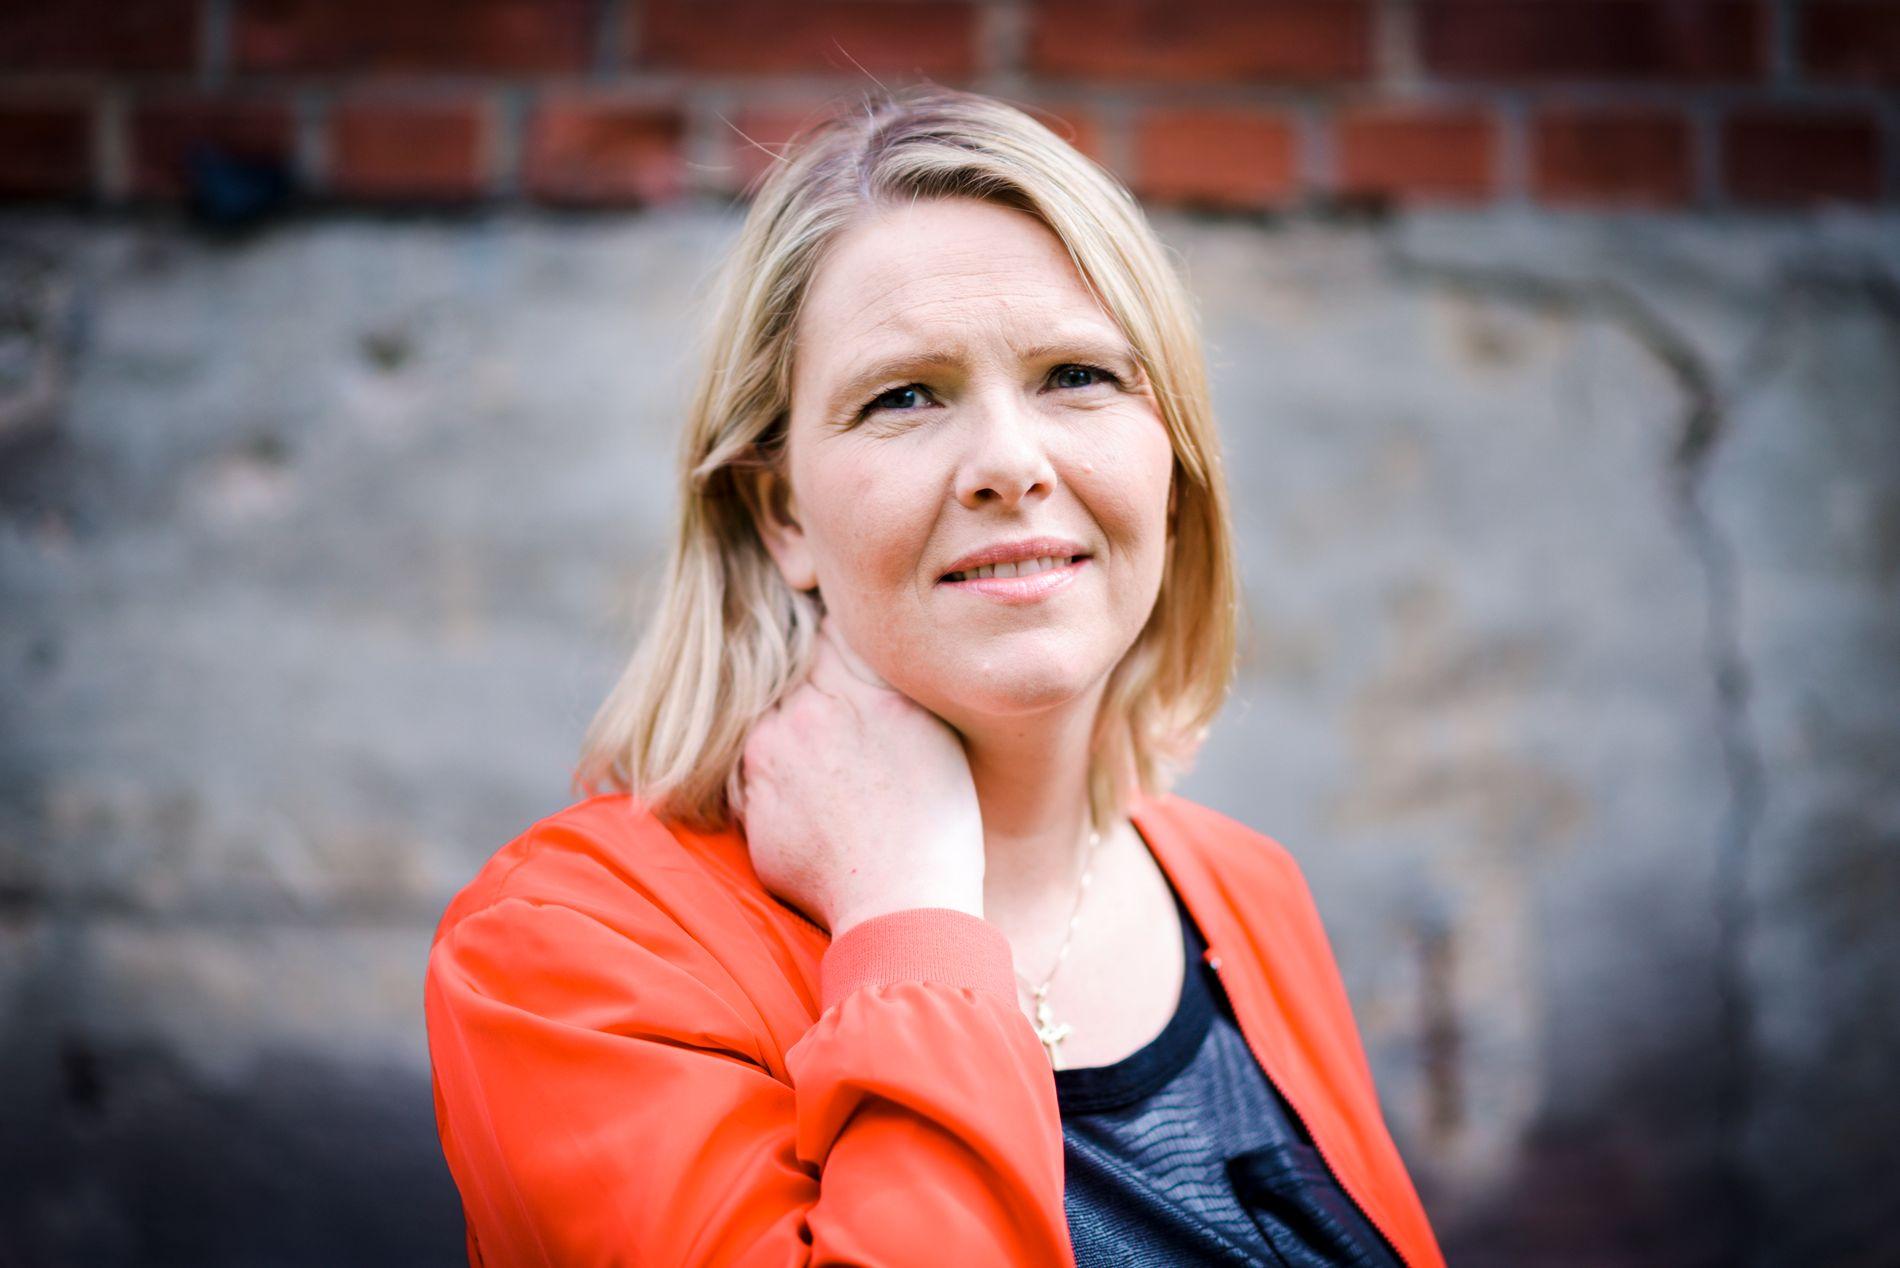 REISEN TIL RINKEBY: Innvadringsminister Sylvi Listhaug (Frp) skal til Rinkeby og studere svenske tilstander.